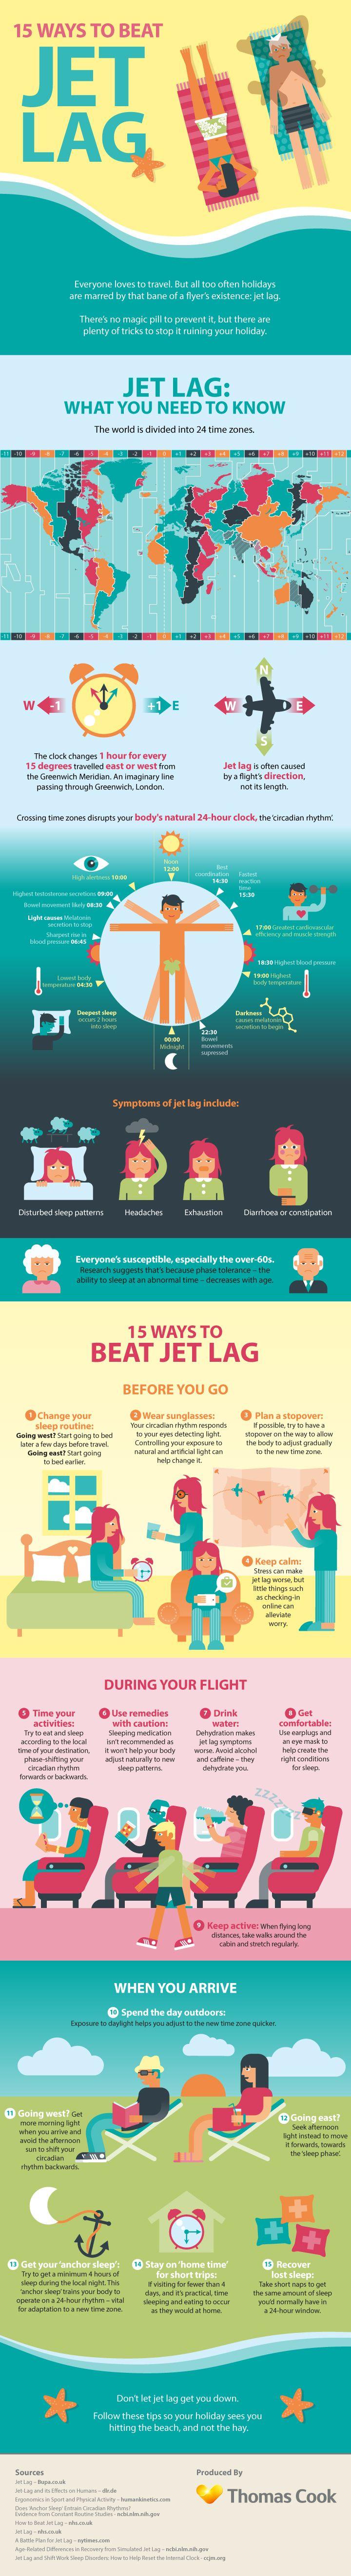 15 Tipps gegen Jet Lag! So sind Sie schnell wieder fit! #TRAVEL #JETLAG #PADAJA